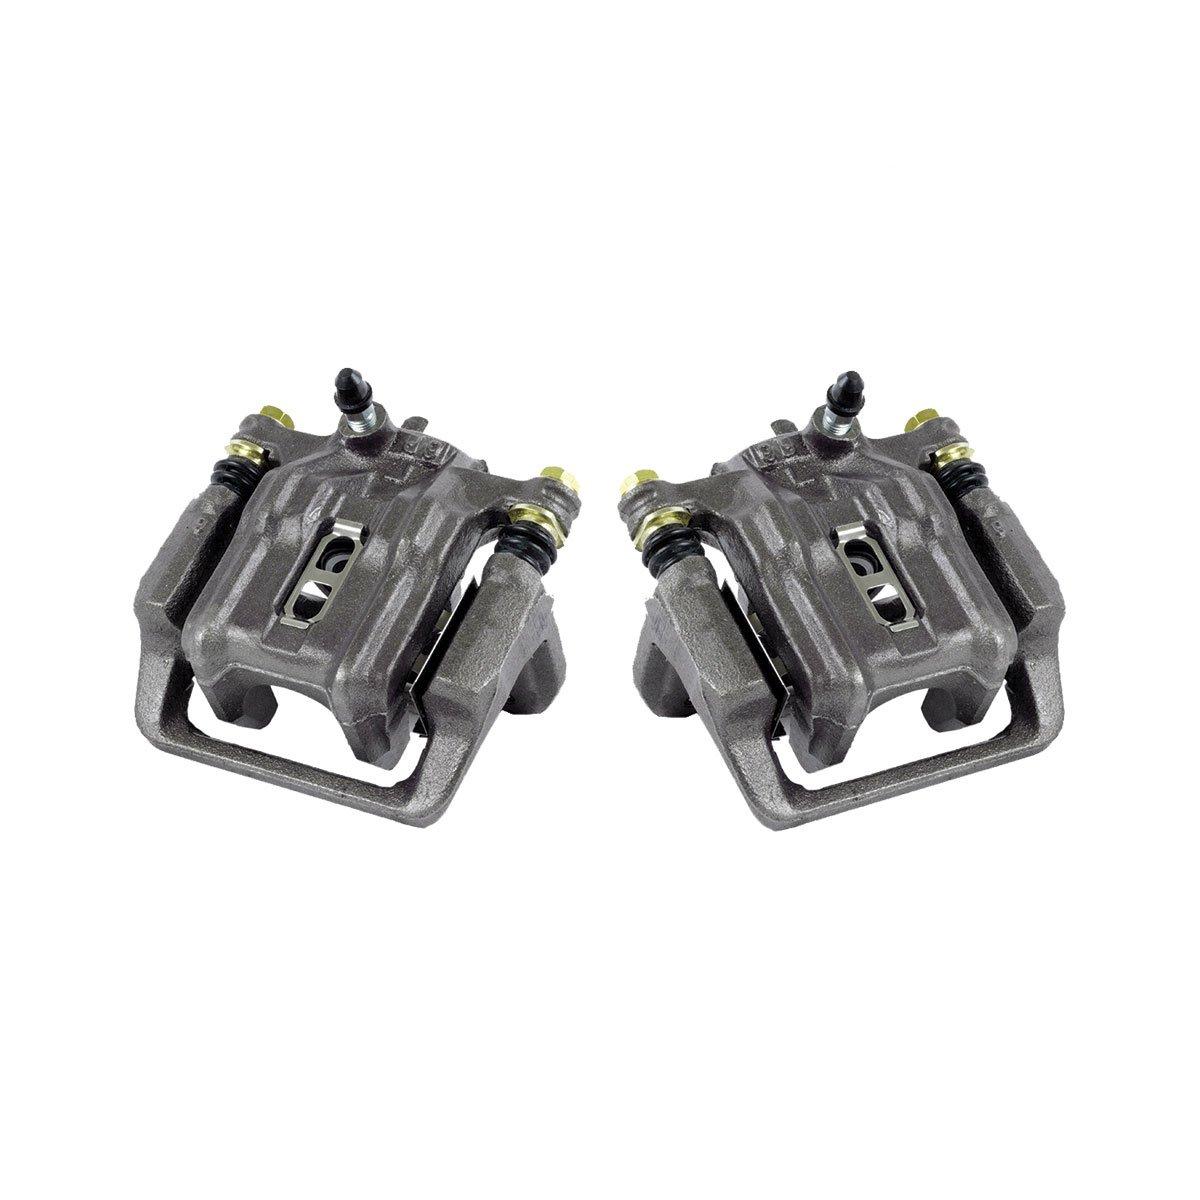 CCK02458 [ 2 ] REAR Premium Grade OE Semi-Loaded Caliper Assembly Pair Set Callahan Brake Parts